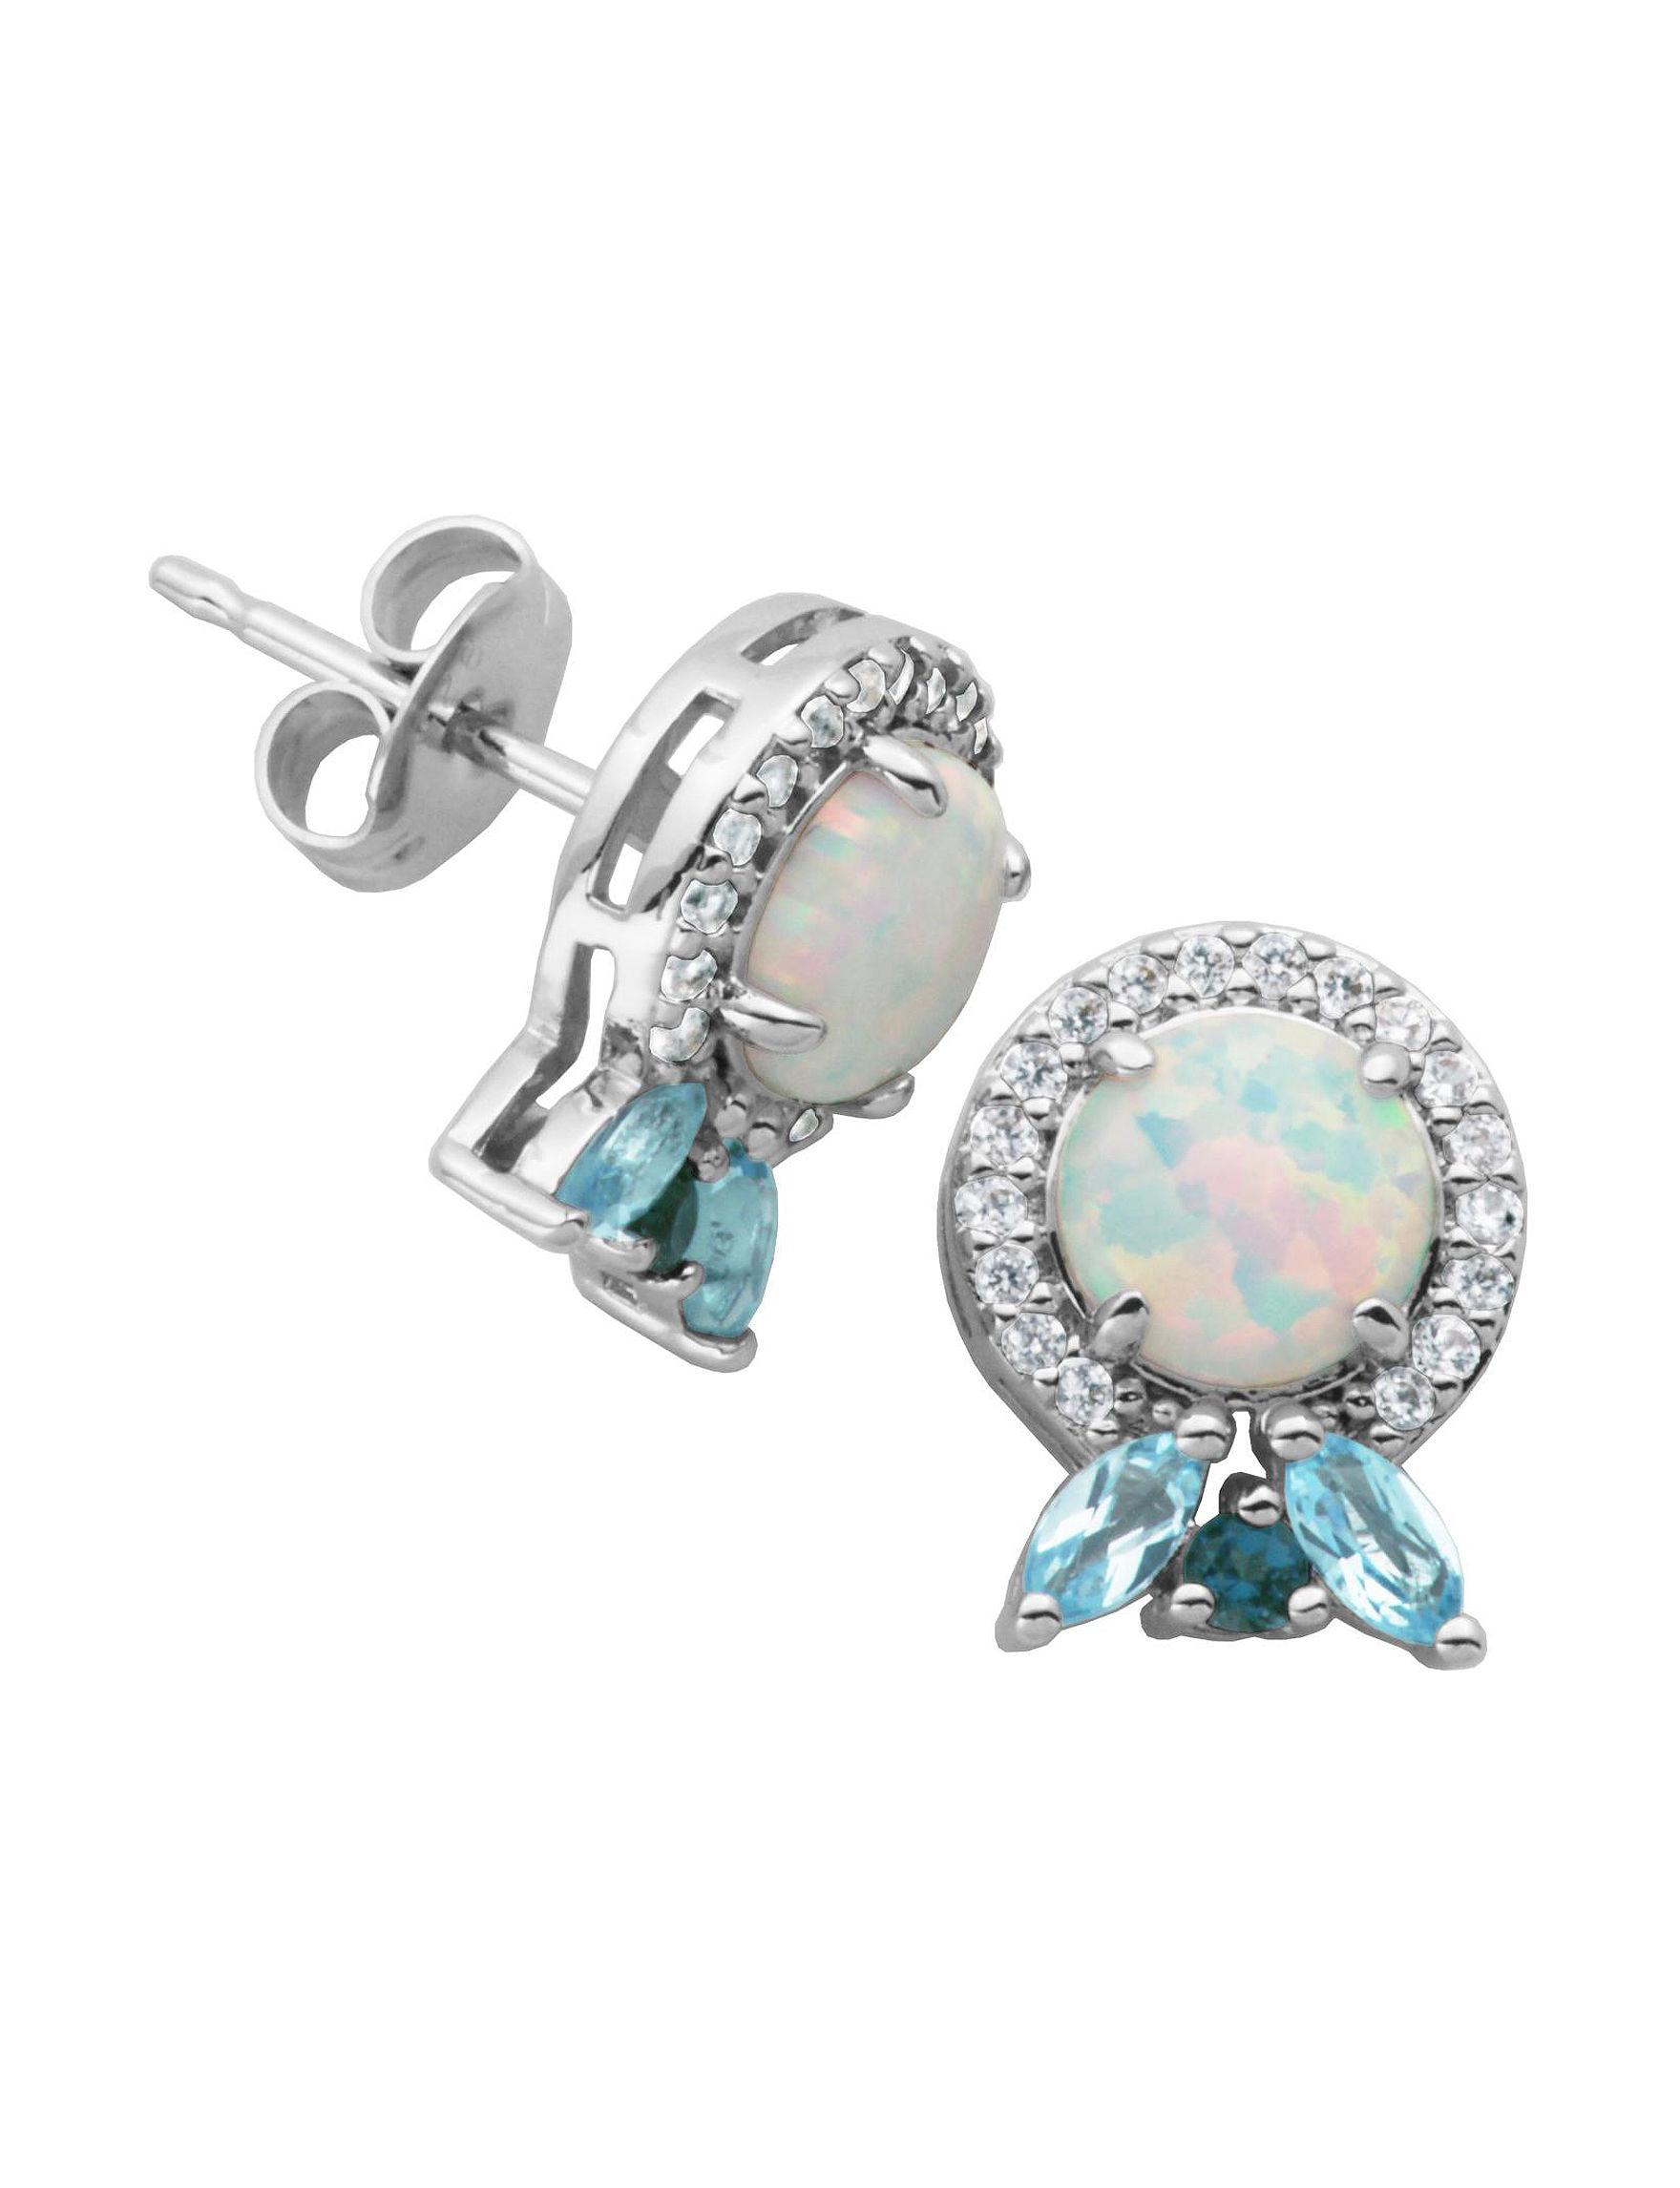 PAJ INC. Silver Studs Earrings Fine Jewelry